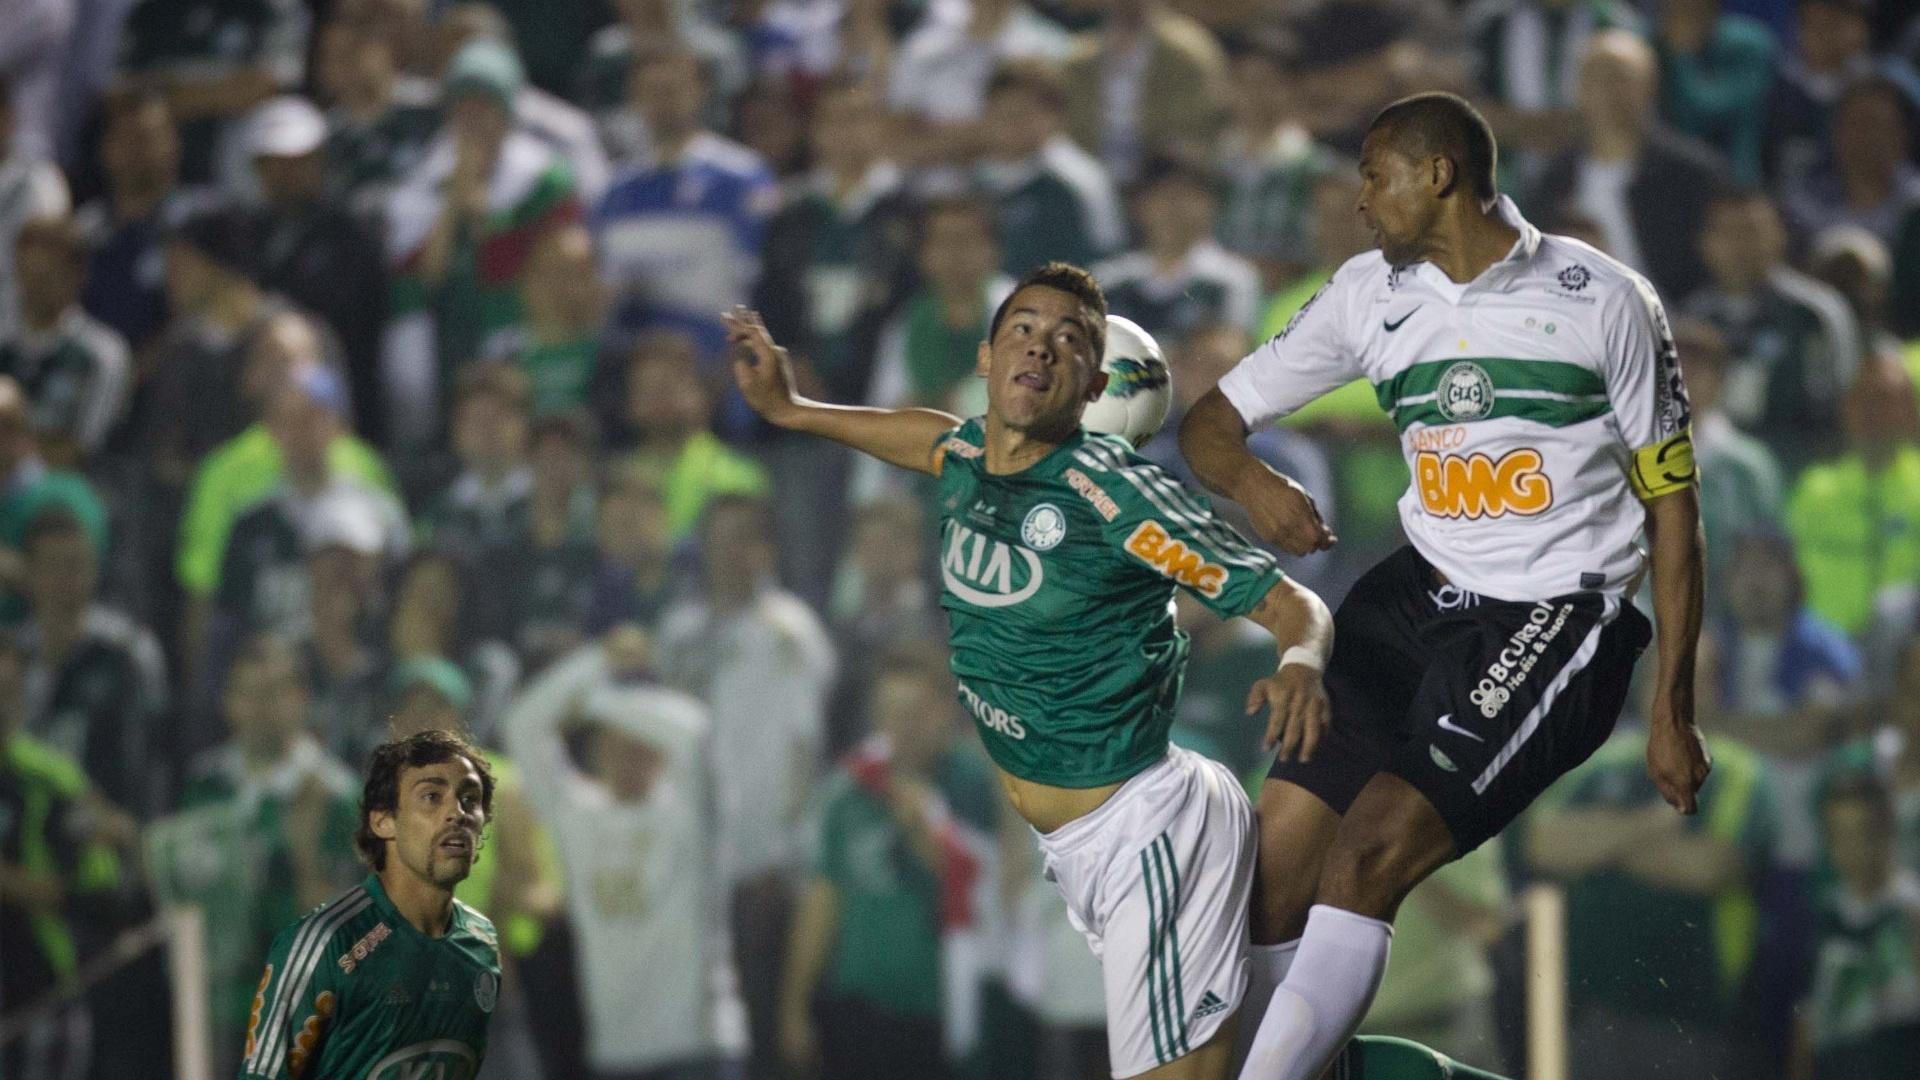 Com a ausência de Barcos, Betinho foi escalado como titular do ataque do Palmeiras contra o Coritiba